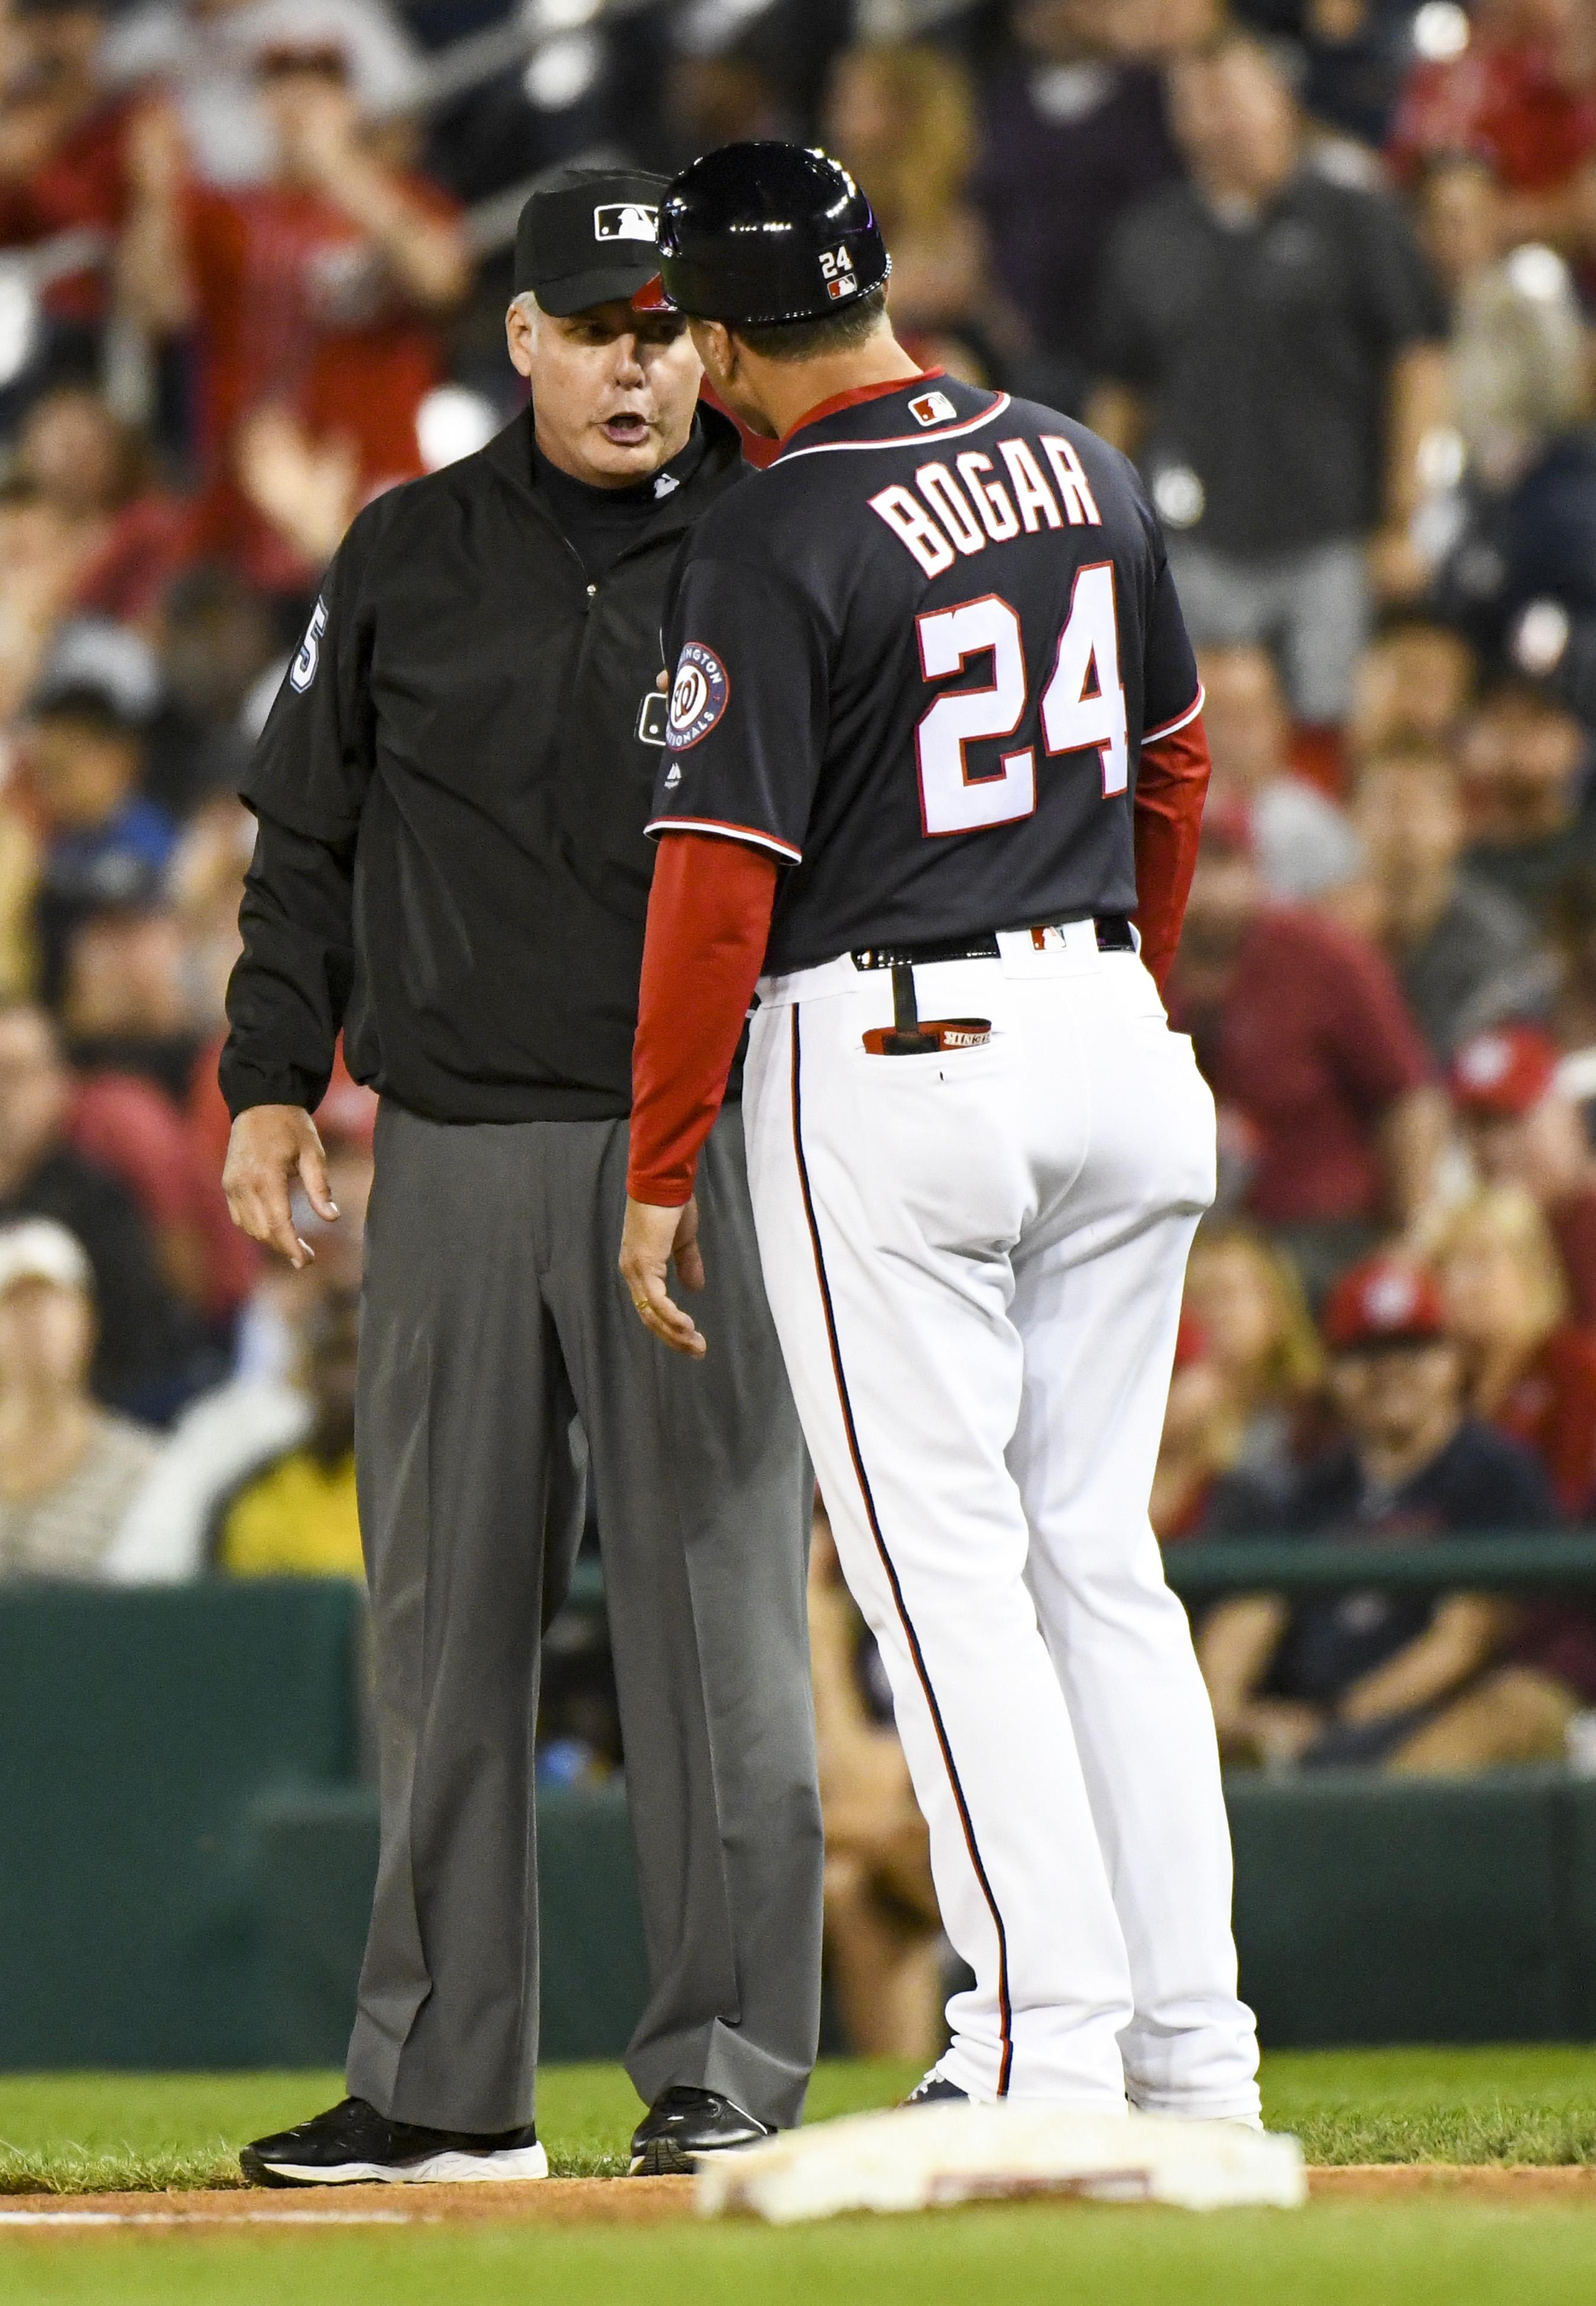 MLB: SEP 13 Braves at Nationals